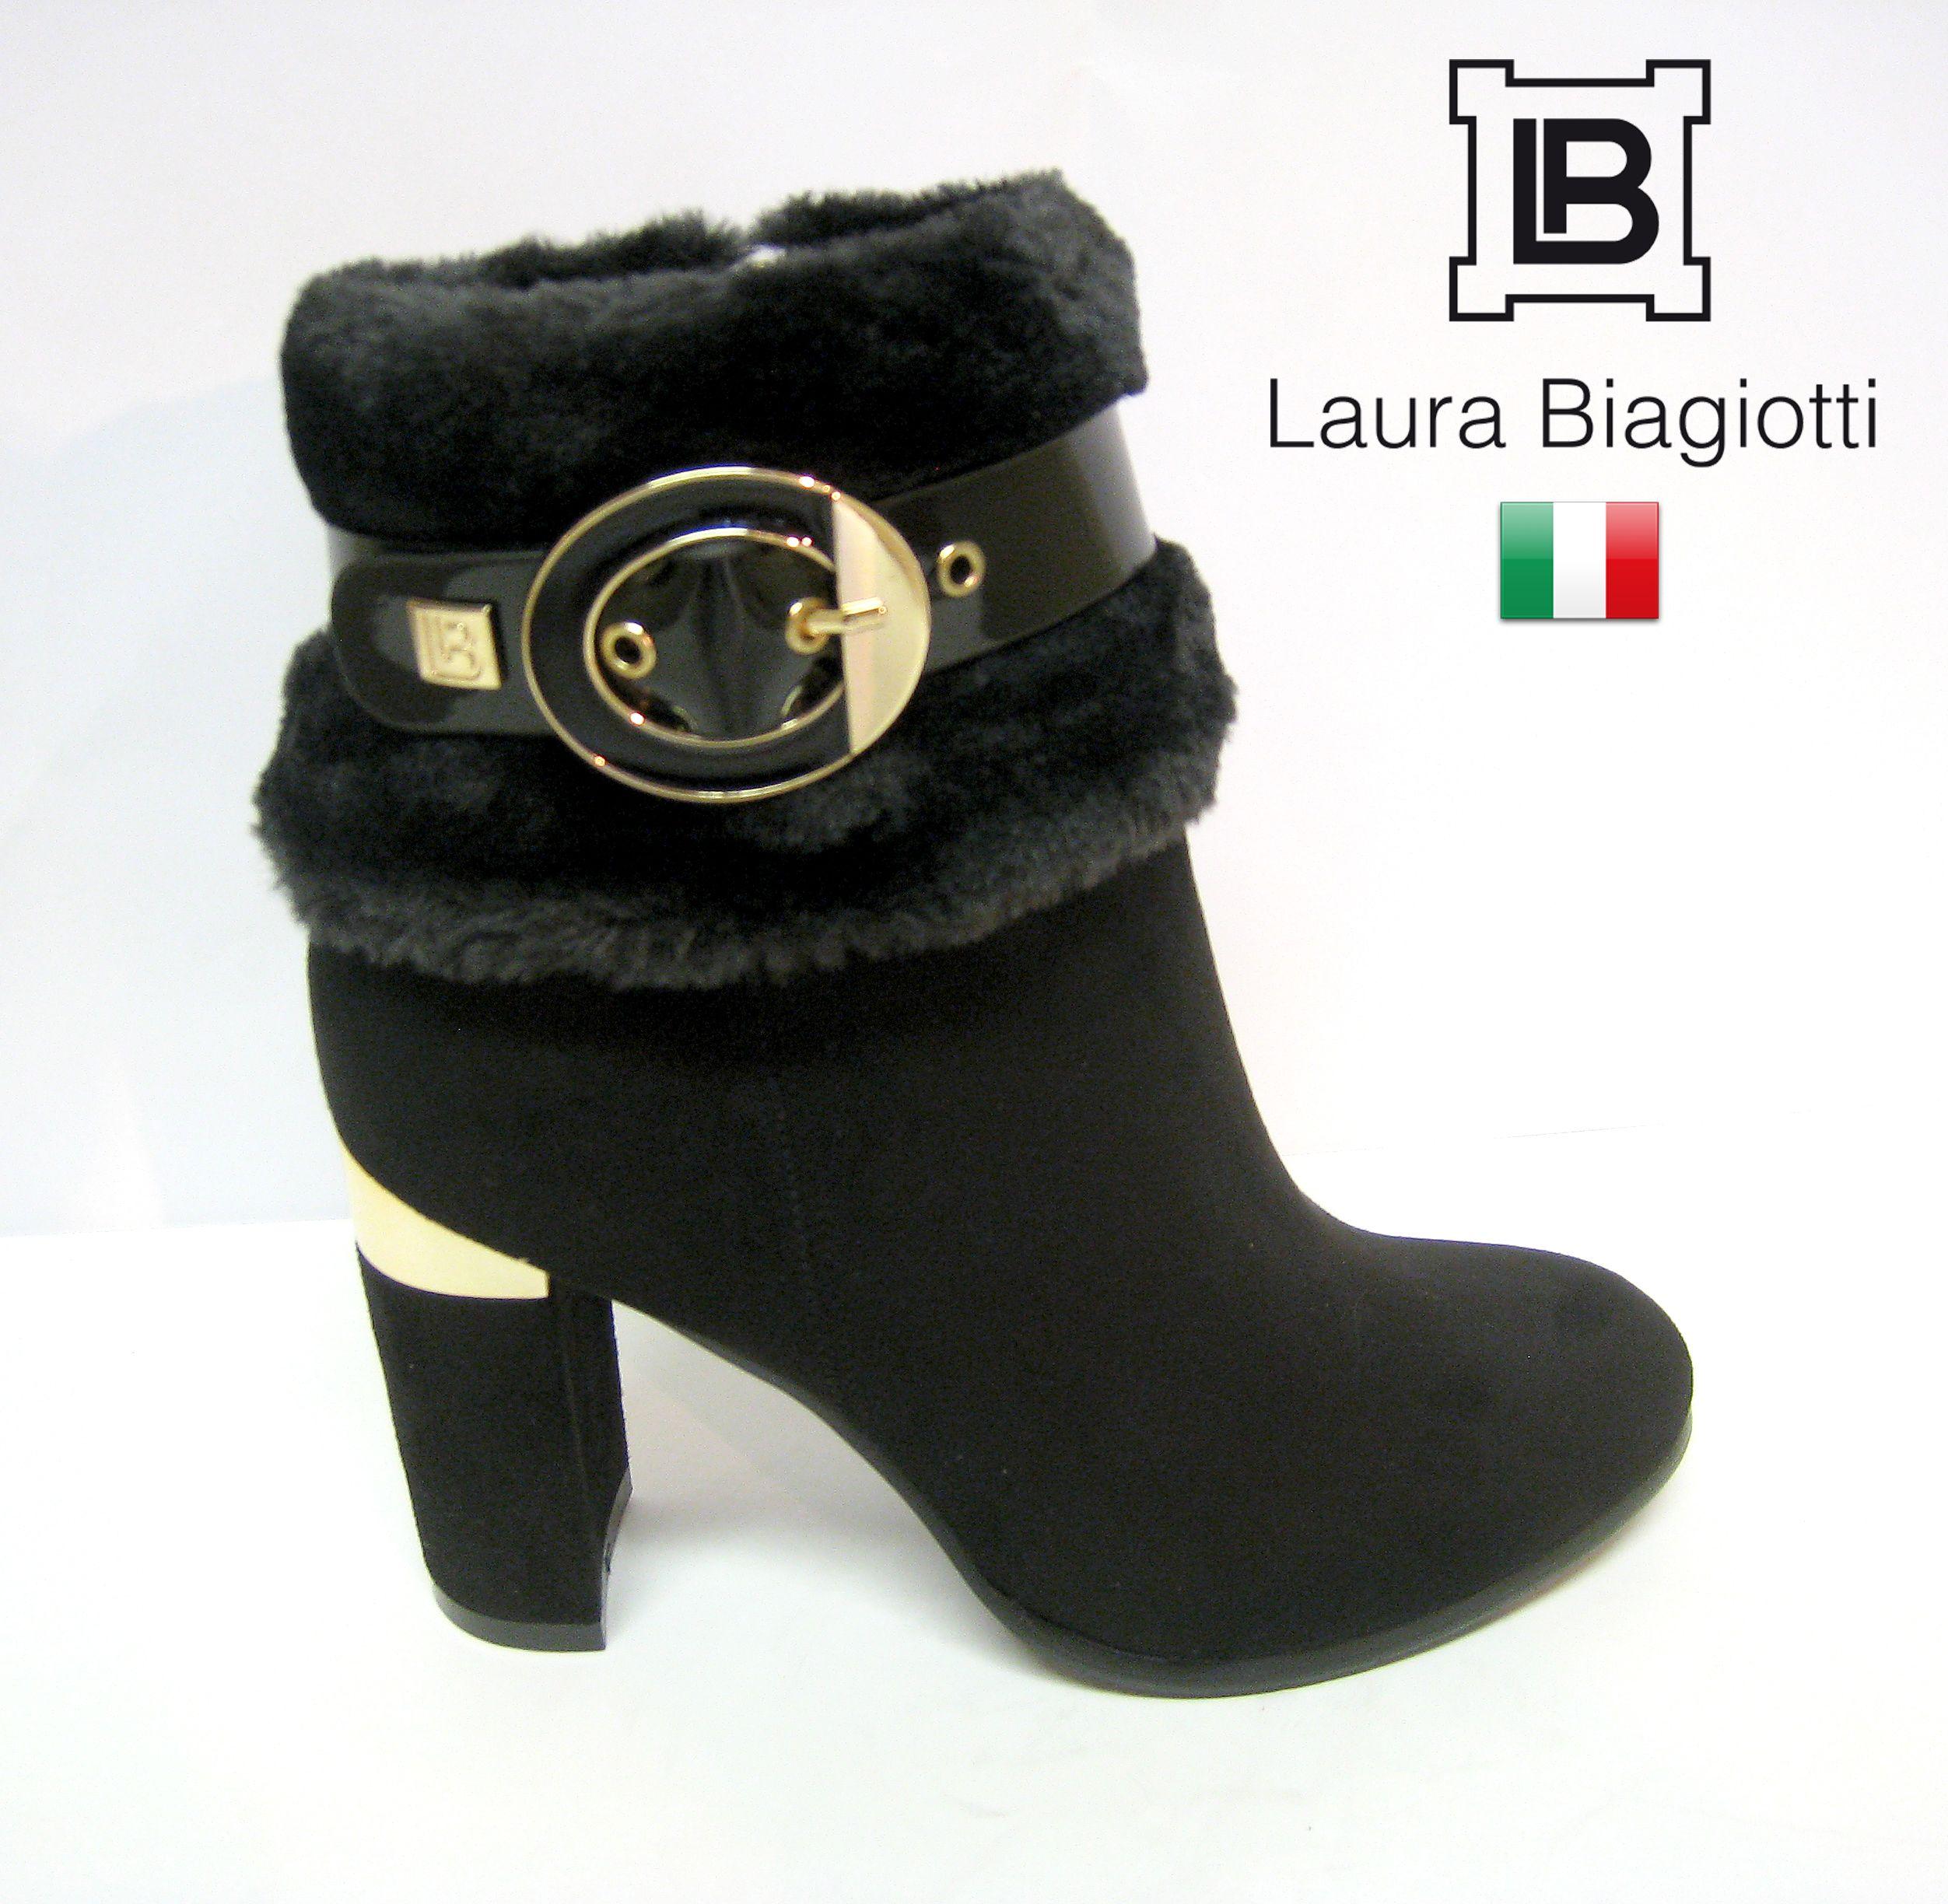 b5b2a8e92 Podzimně zimní elegantní kotníková obuv LAURA BIAGIOTTI na podpatku. #obuv  #styl #LauraBiagiotti #dámská #móda #kotníková